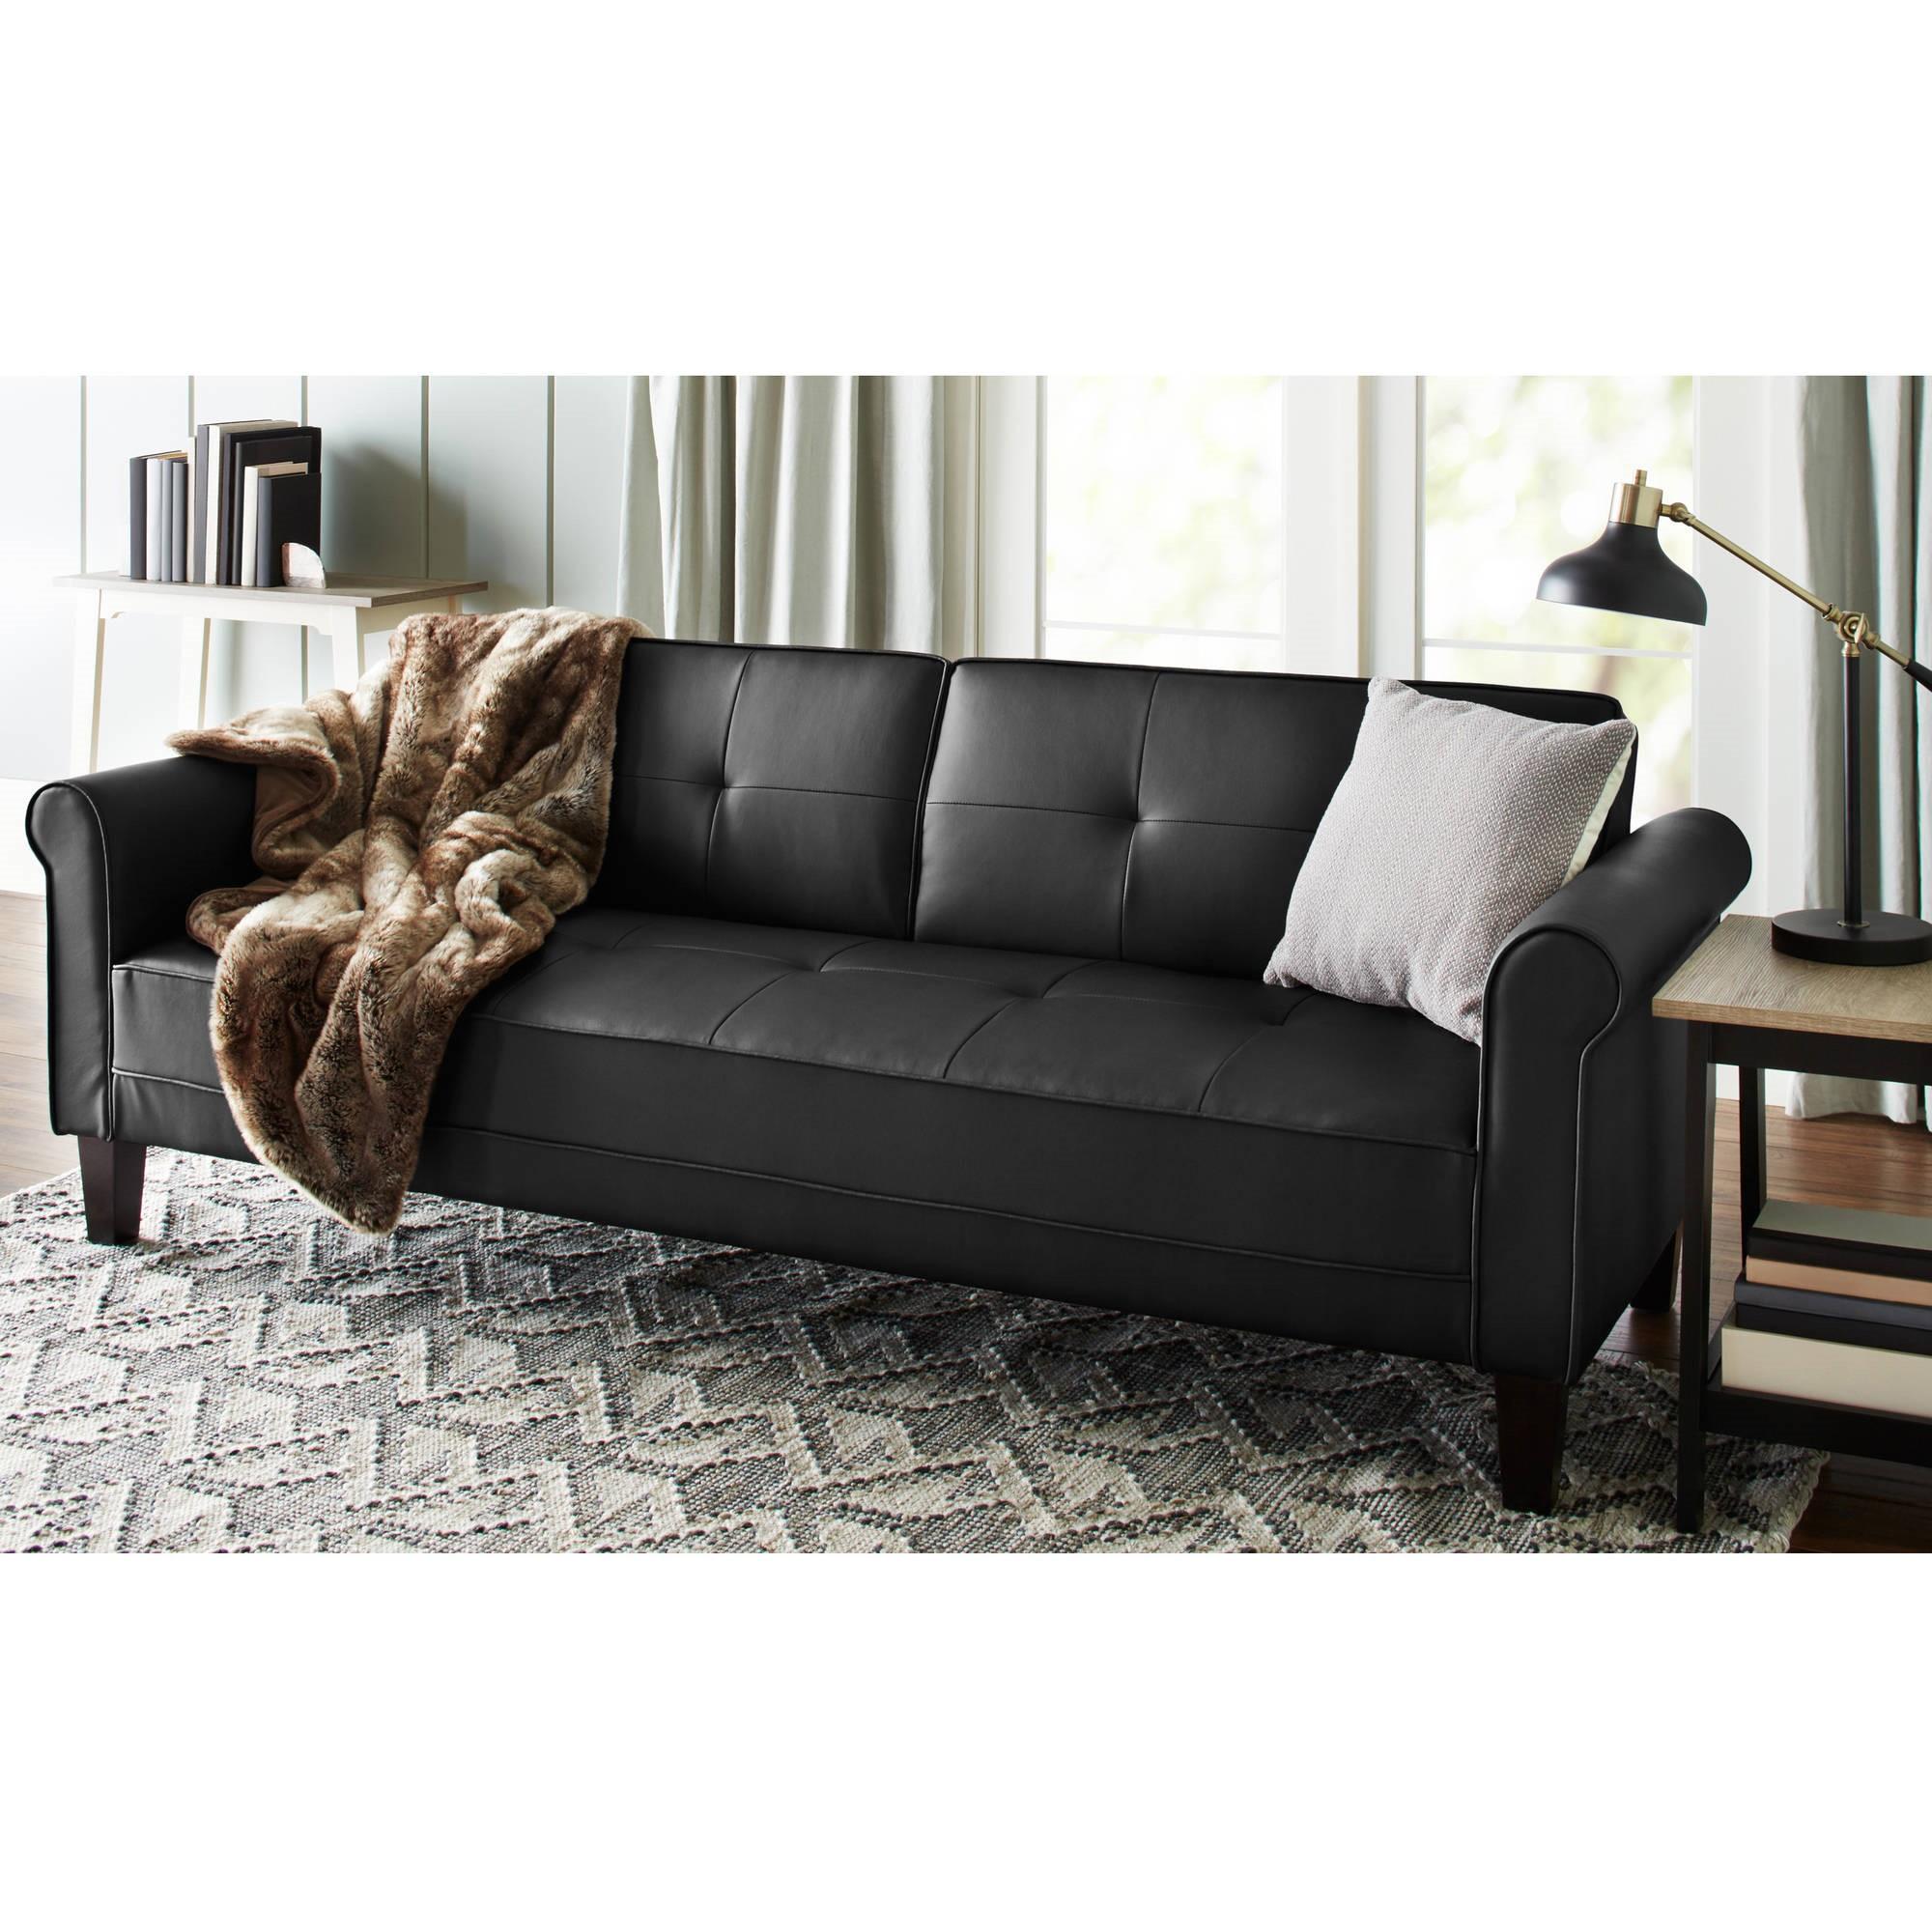 10 Spring Street Ashton Faux Leather Sofa Bed Walmartcom